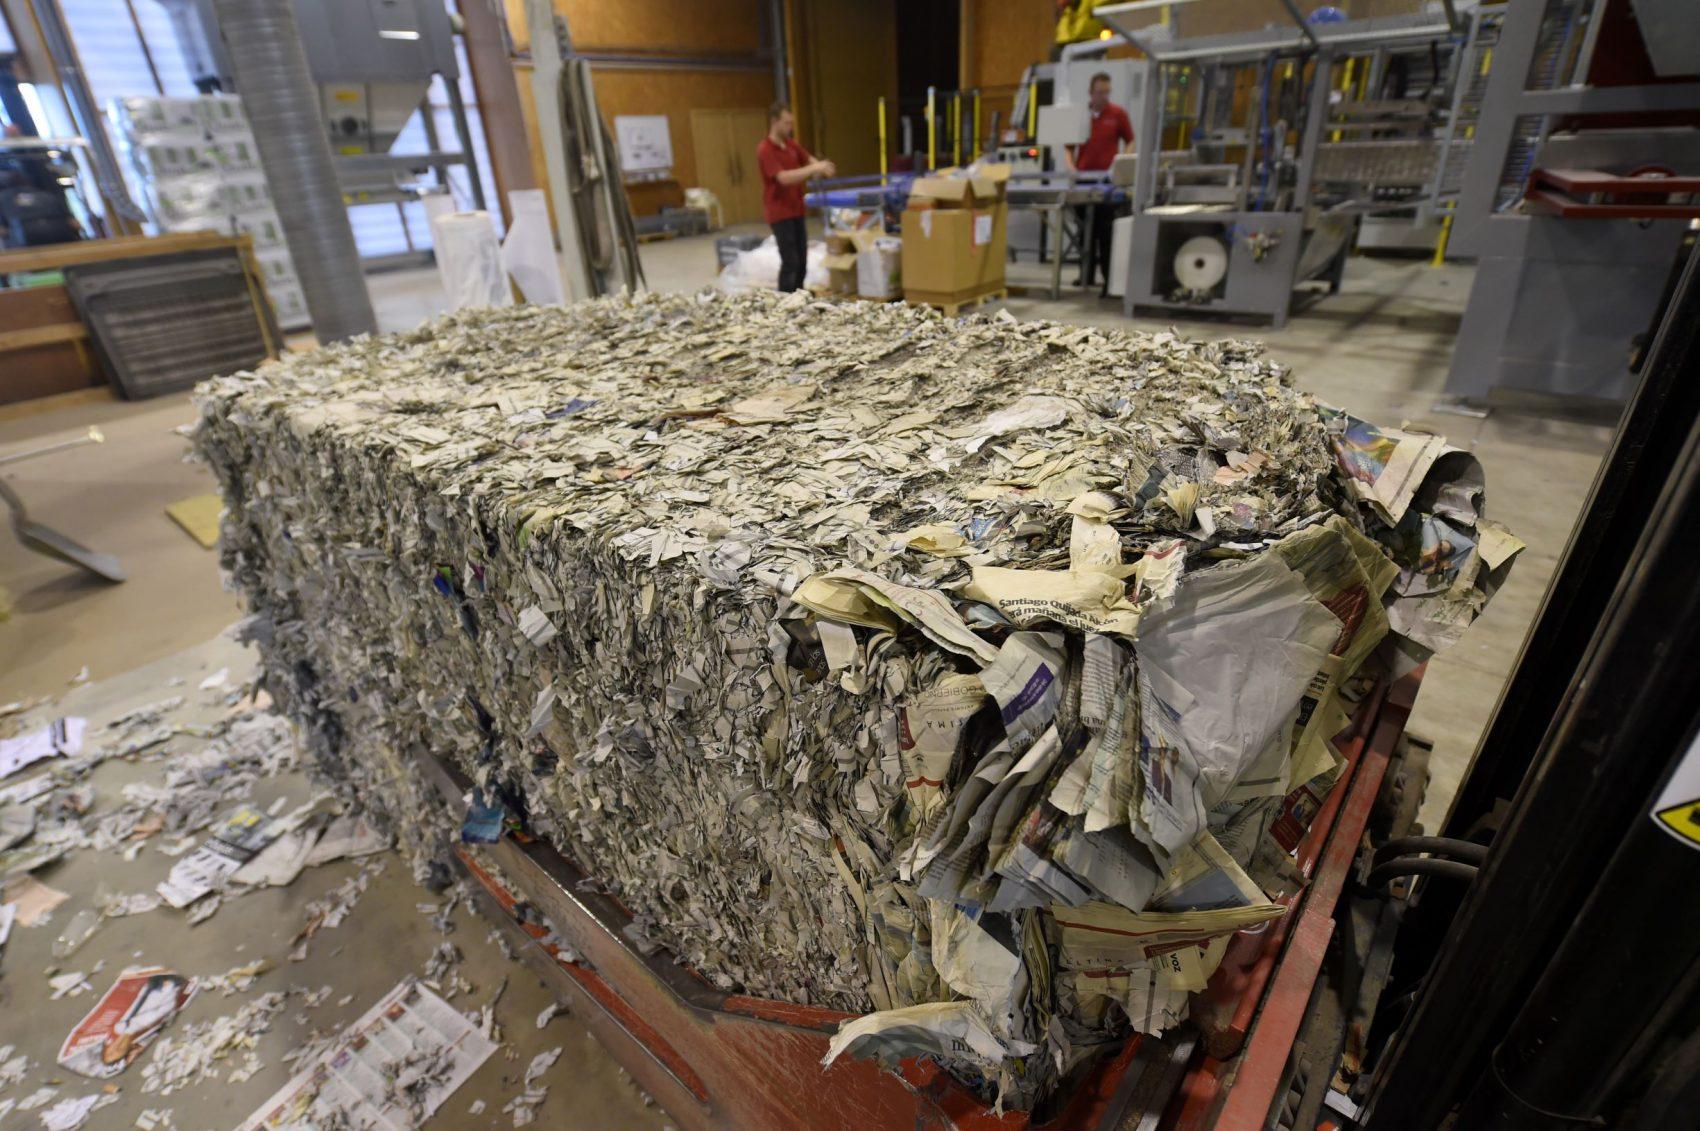 Jornais e papéis velhos em fábrica francesa que usa pasta de celulose para produzir isolamento térmico: relatório indica que, para reduzir as emissões, as economias têm de se tornar circulares (Foto: Gaizca Iroz)/AFP)